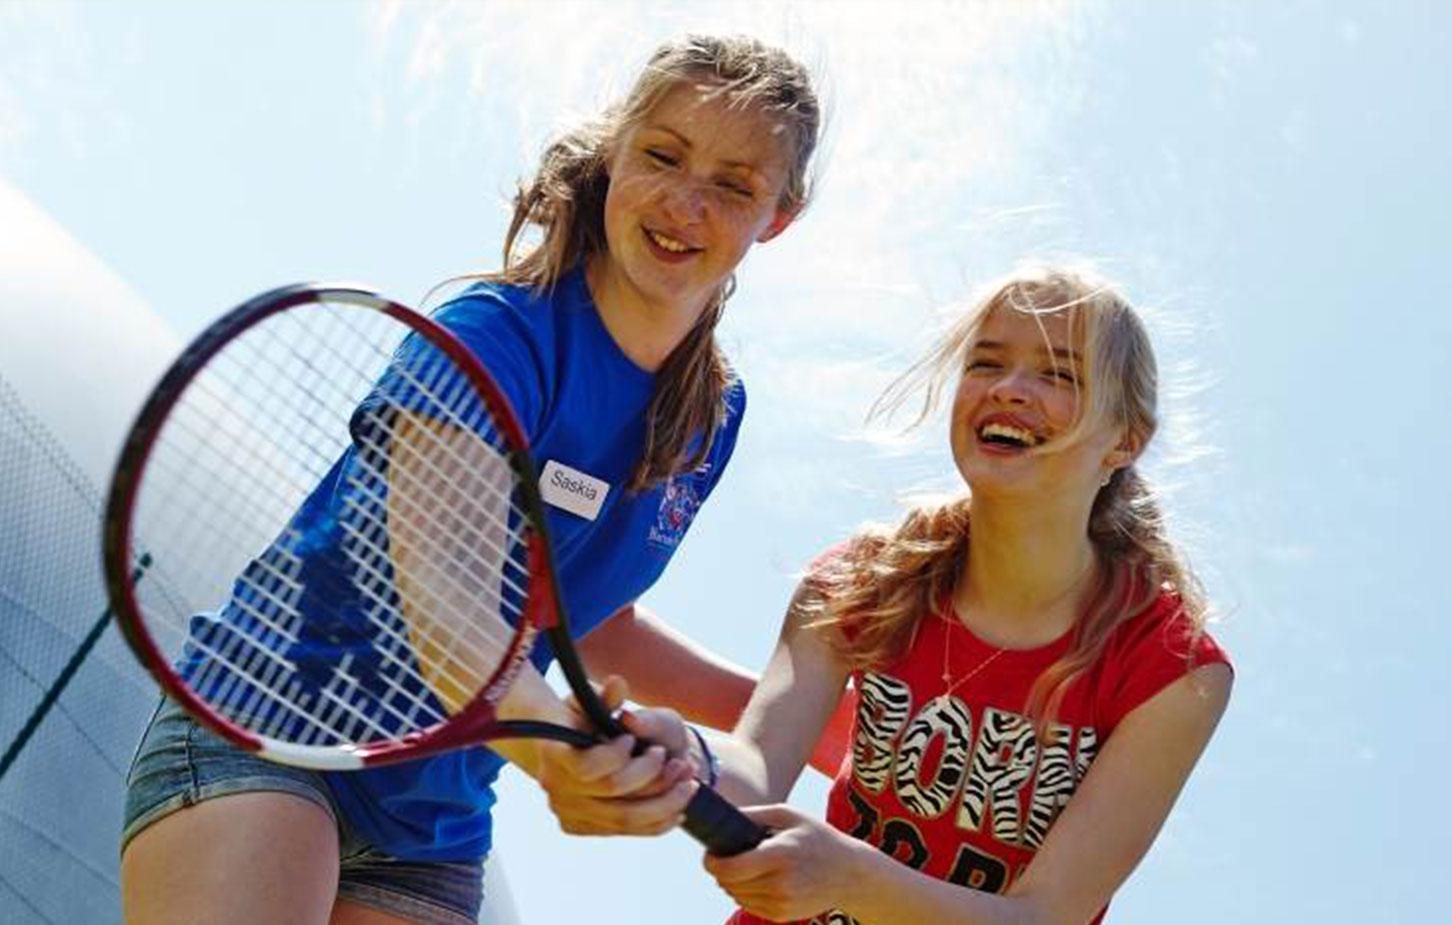 schuelersprachreisen-tennis-winchester-teaser